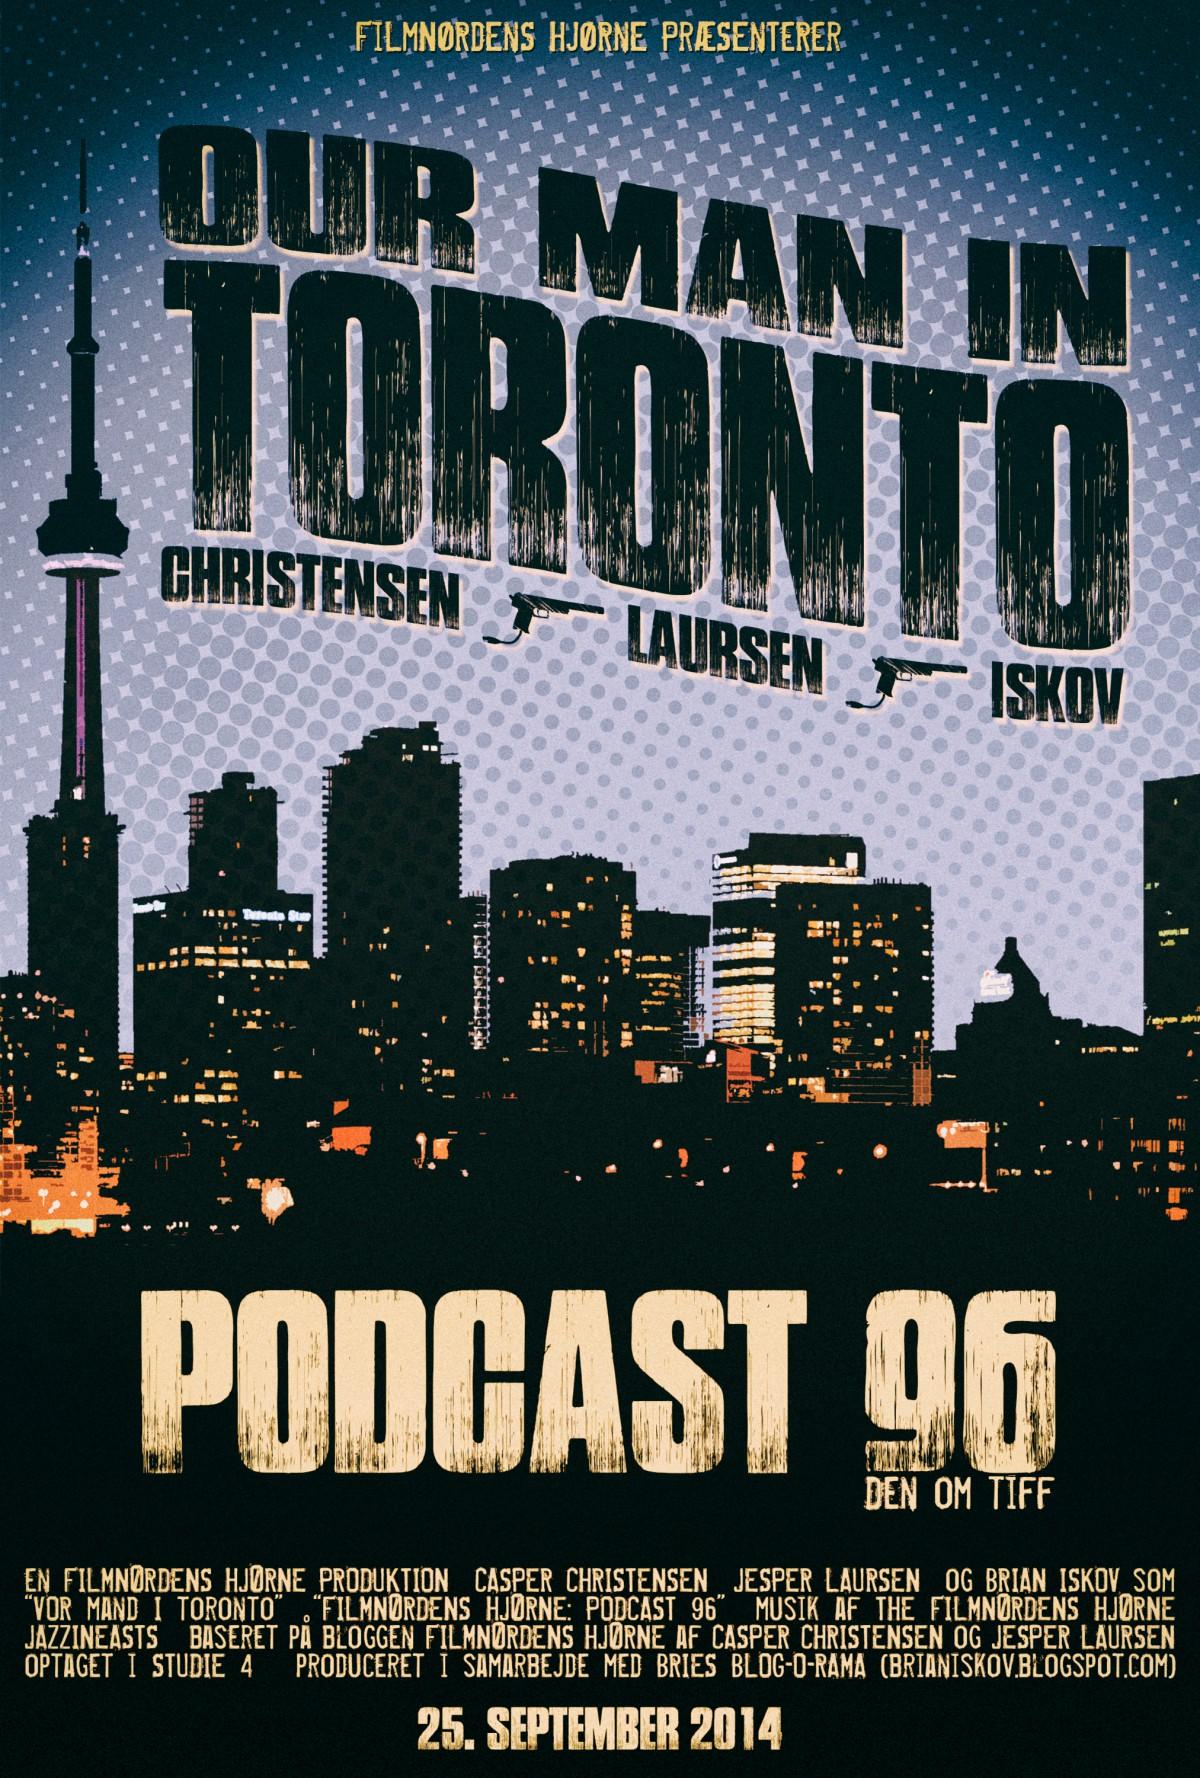 Poster-for-Podcast-96.3.jpg